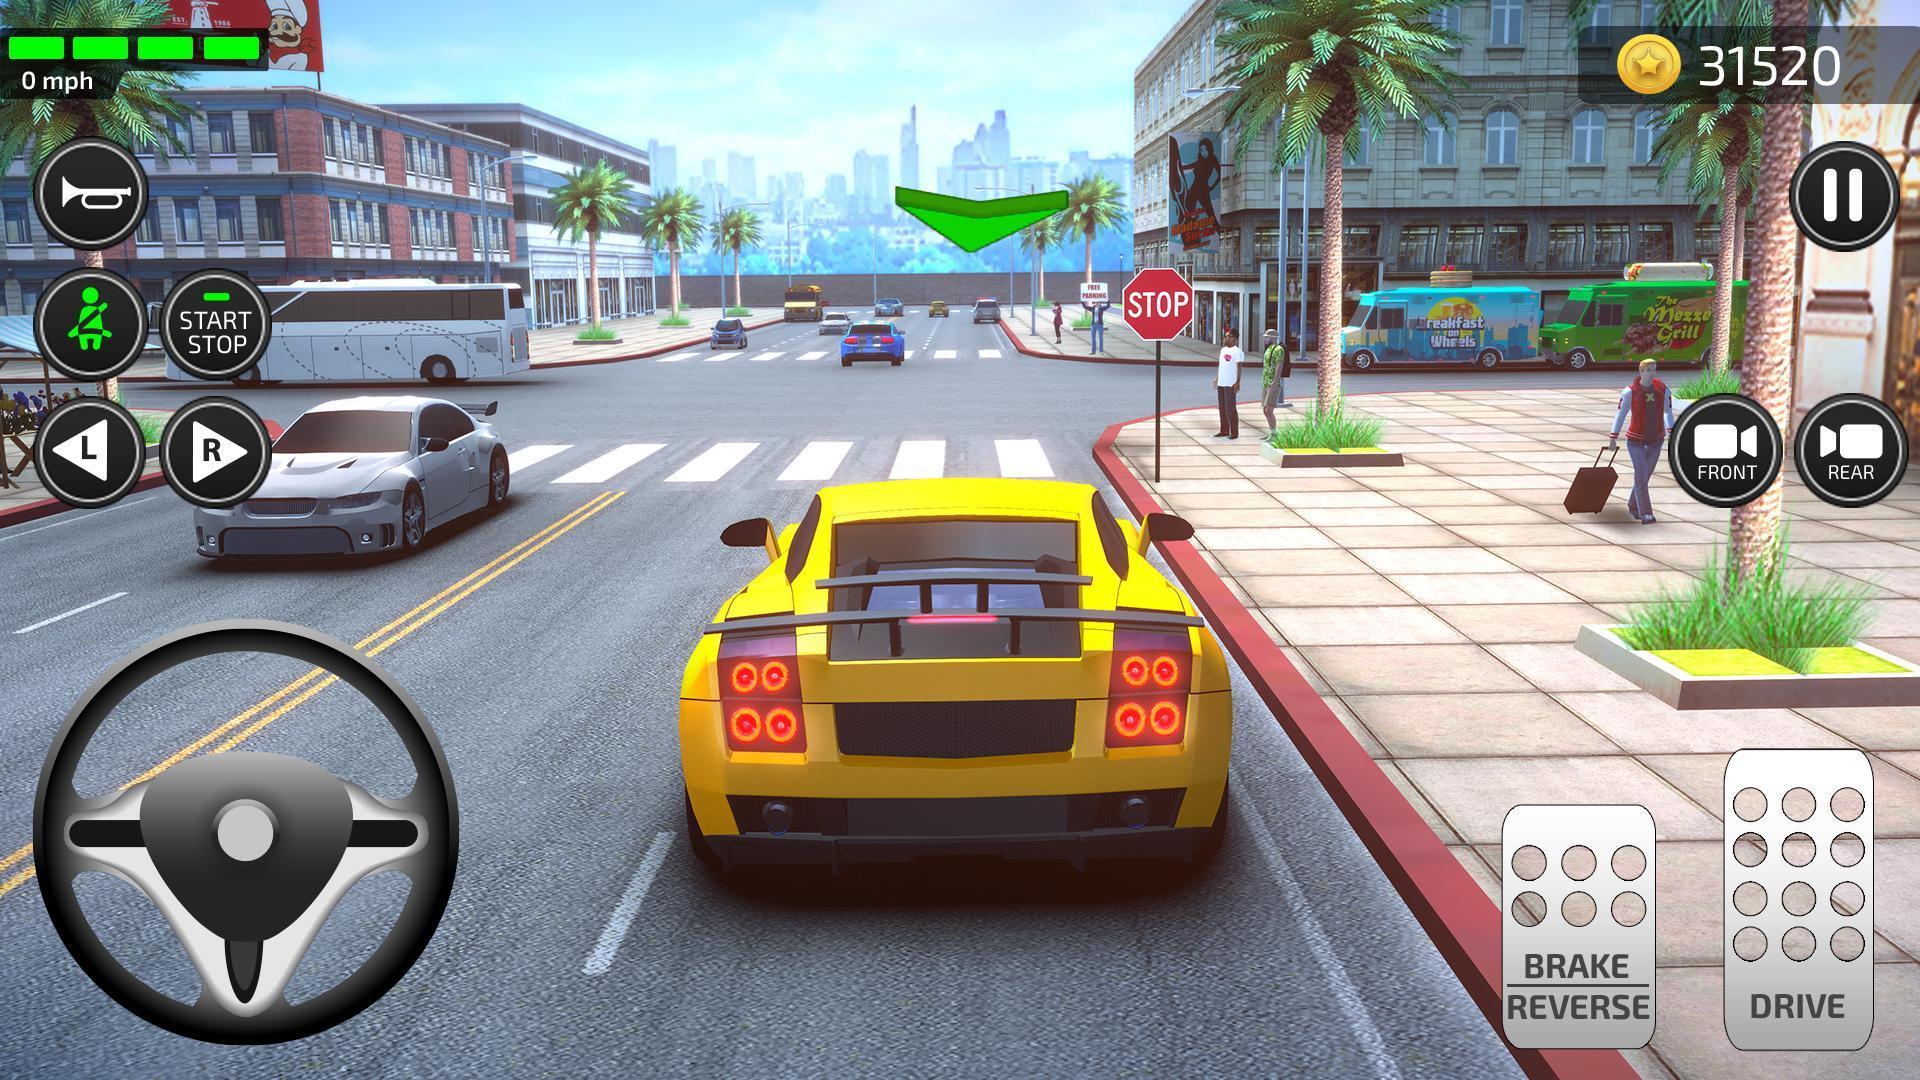 Simulateur D'Auto École: Jeux De Voiture Pour Android destiné Jeux De Voiture De Cours